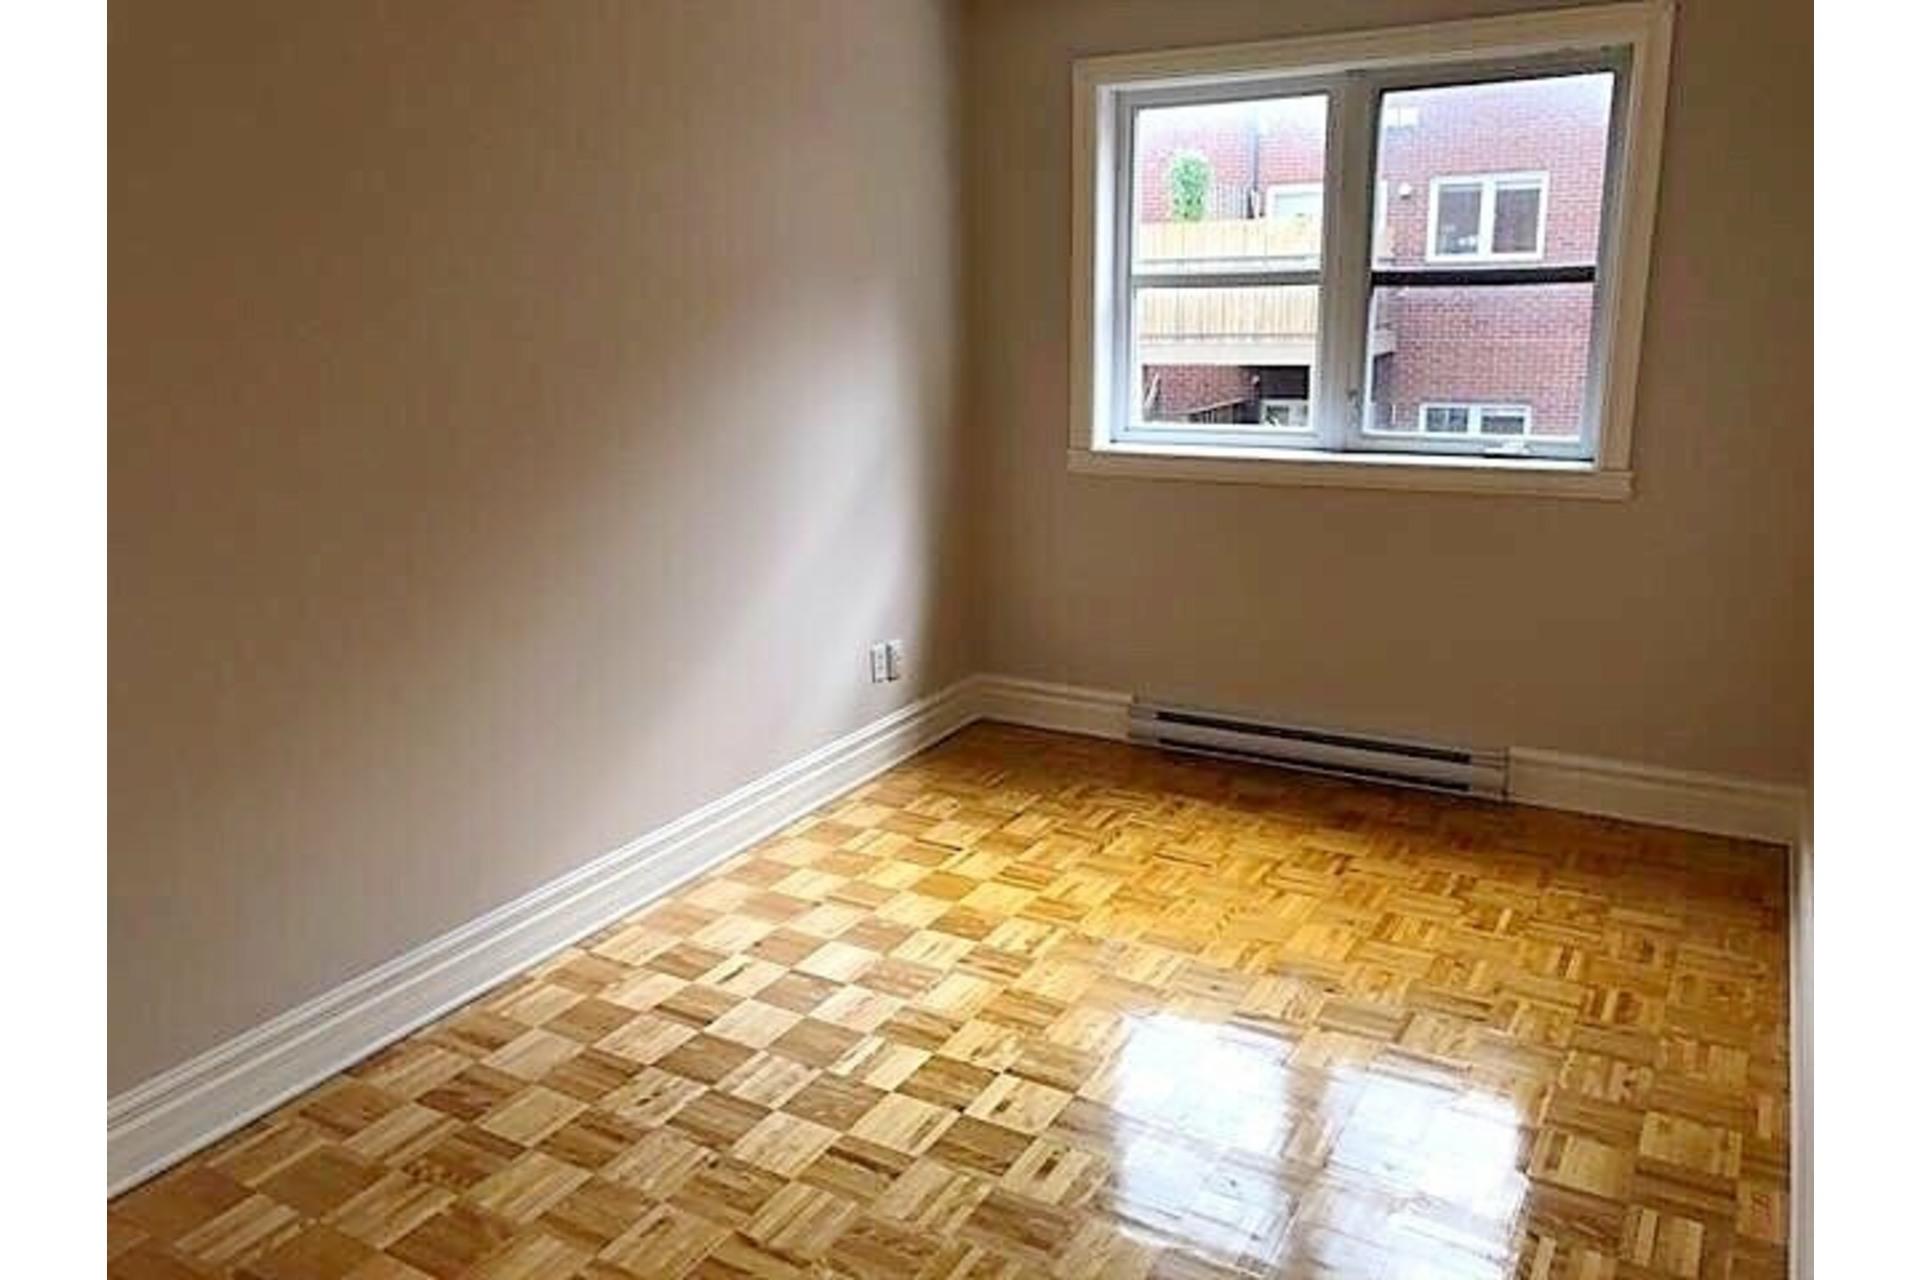 image 9 - Apartment For rent Ville-Marie Montréal  - 9 rooms